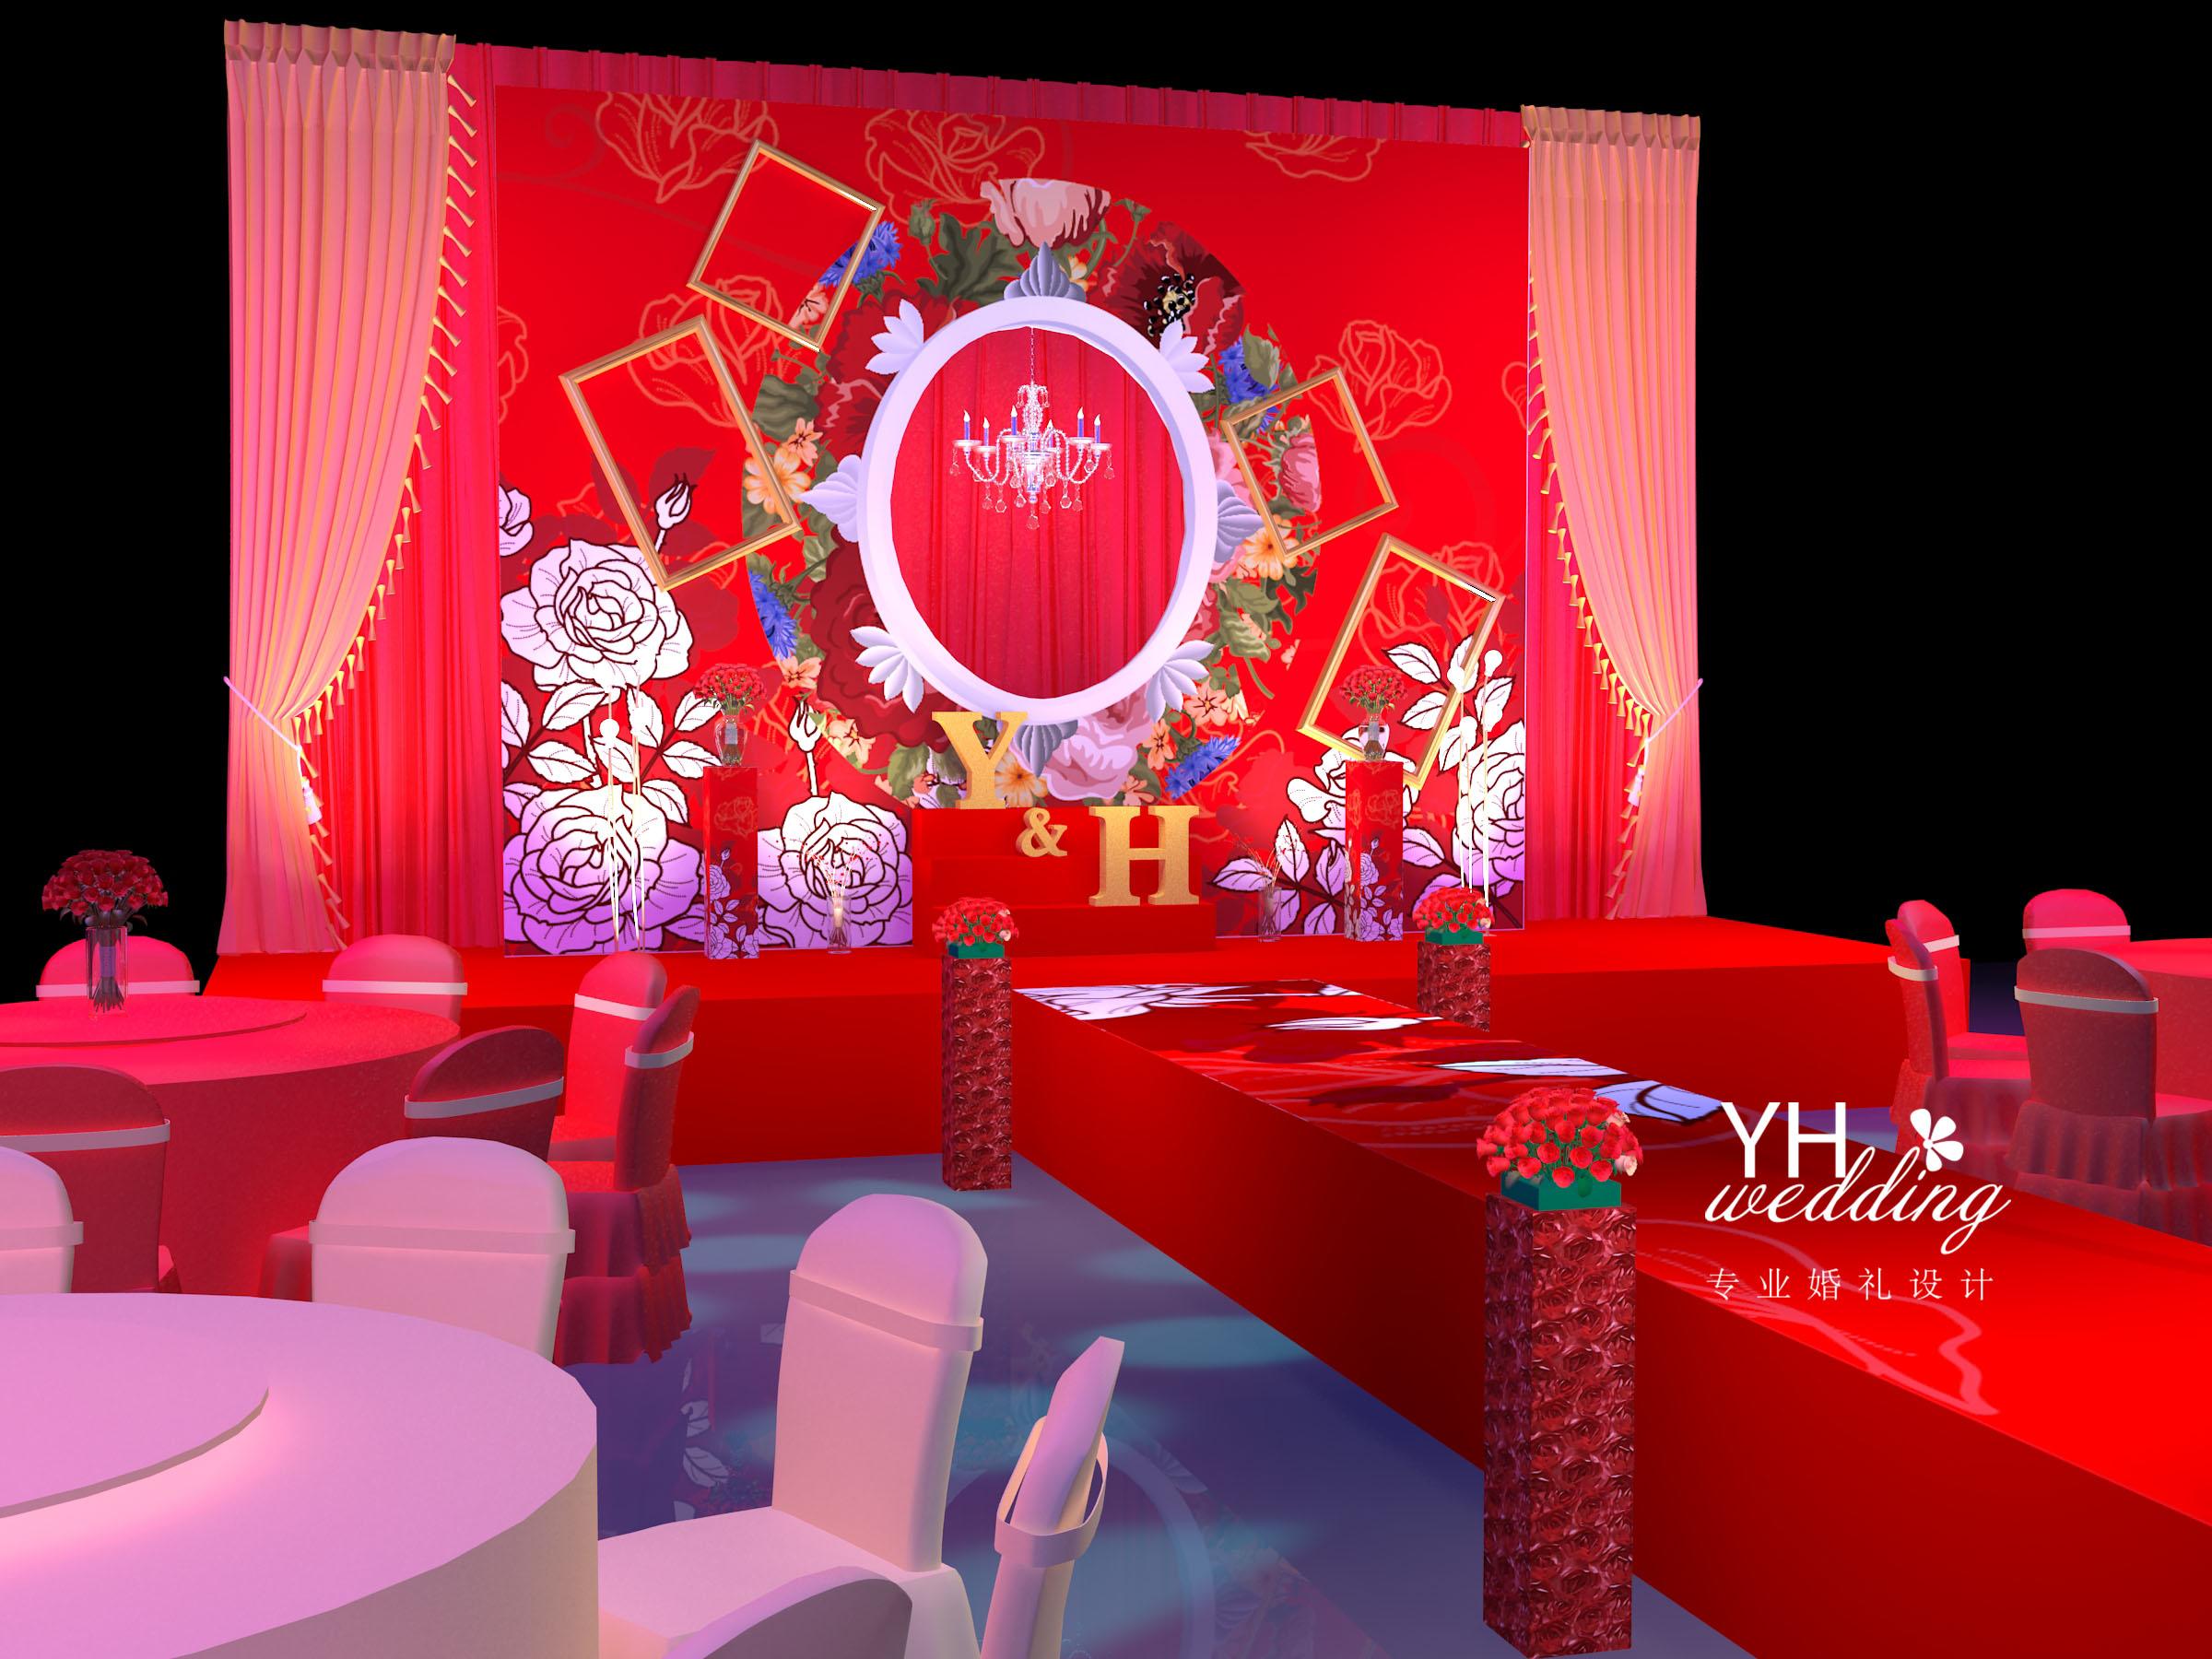 yhwedding:红色 中式风格婚礼3d效果图|空间|舞台美术图片